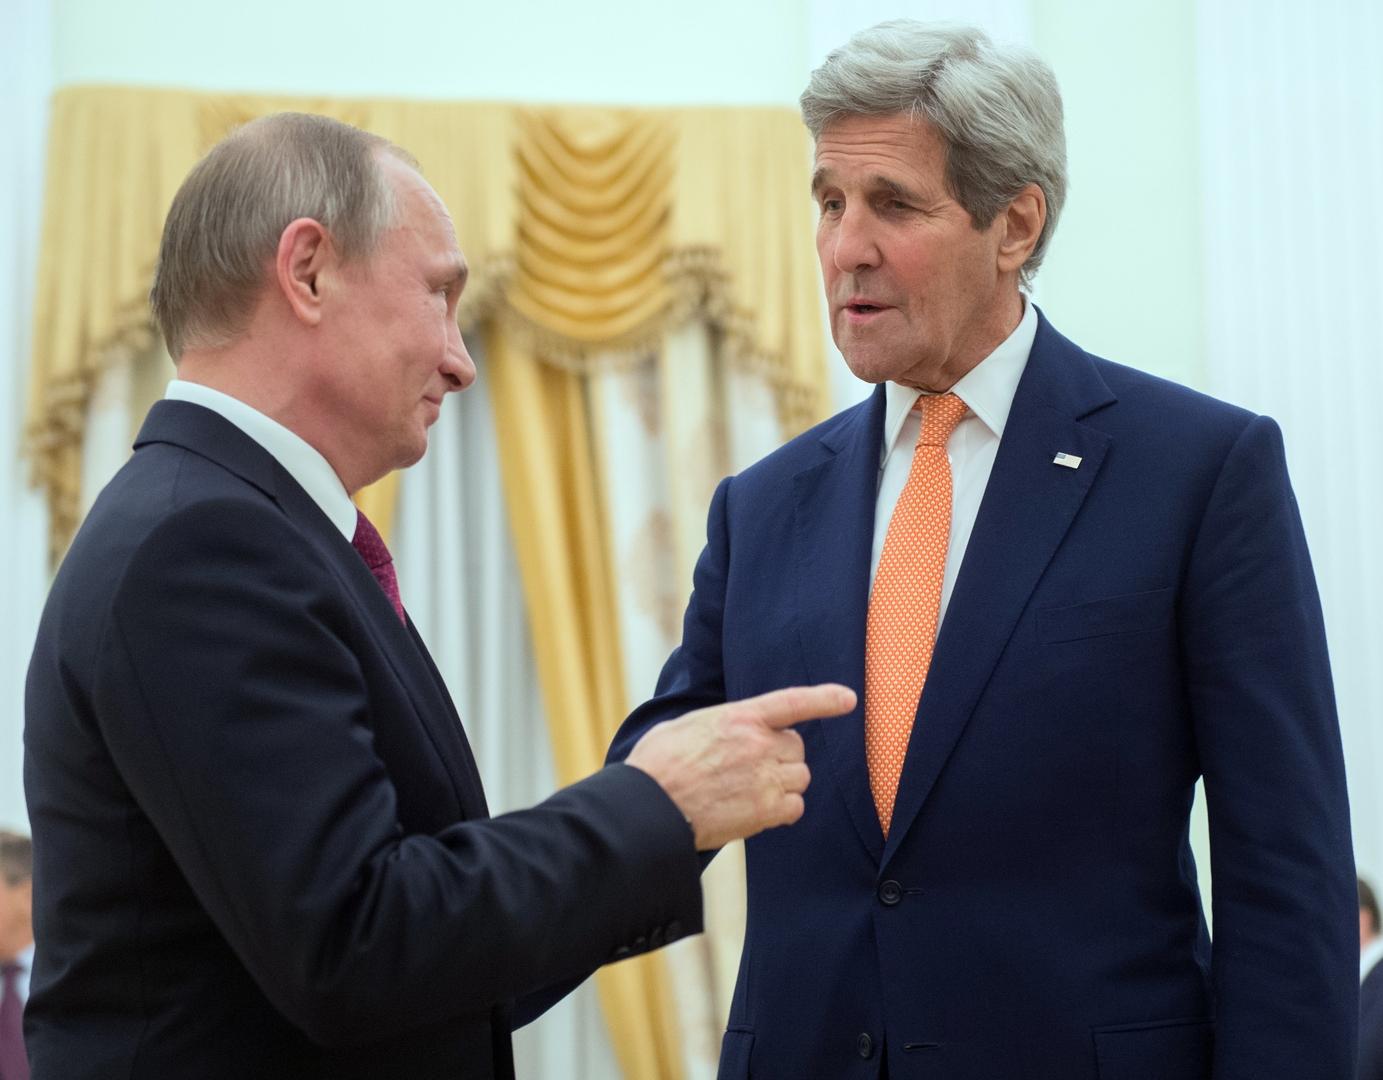 الرئيس الروسي فلاديمير بوتين والمبعوث الرئأسي الأمريكي لشؤون المناخ جون كيري (أرشيف)